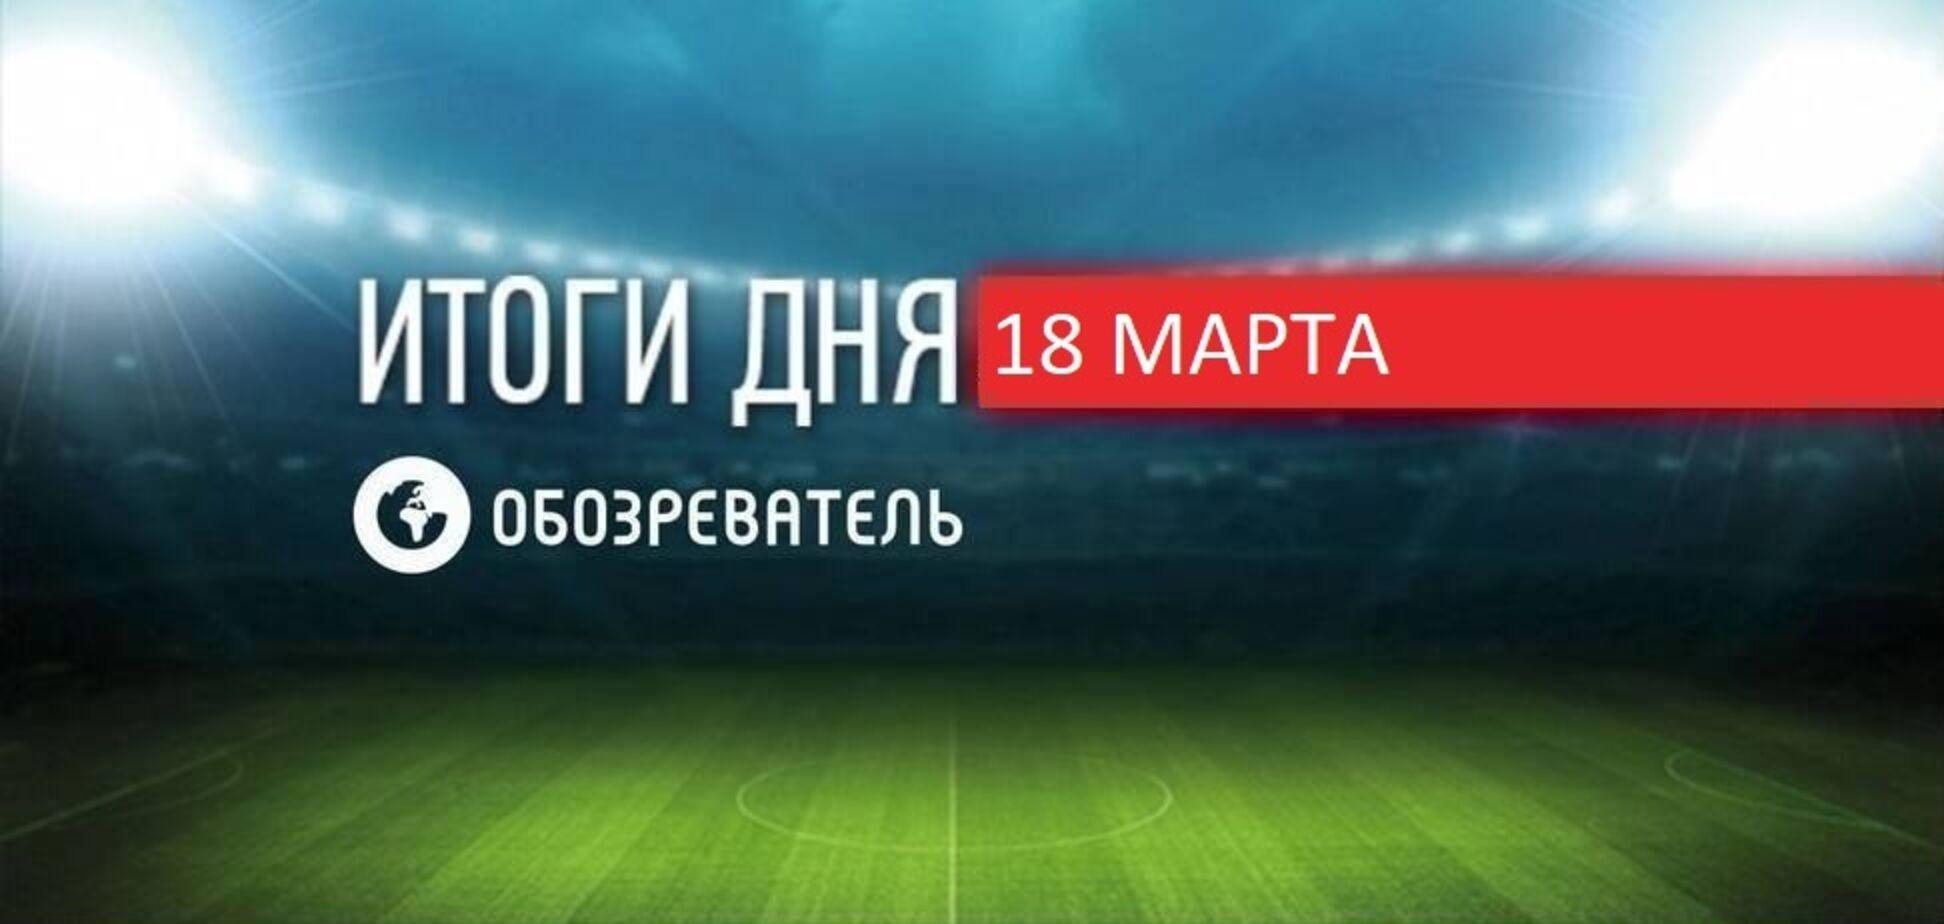 Новости спорта 18 марта: вылет 'Динамо' и 'Шахтера' из ЛЕ, Украина без места в ЛЧ